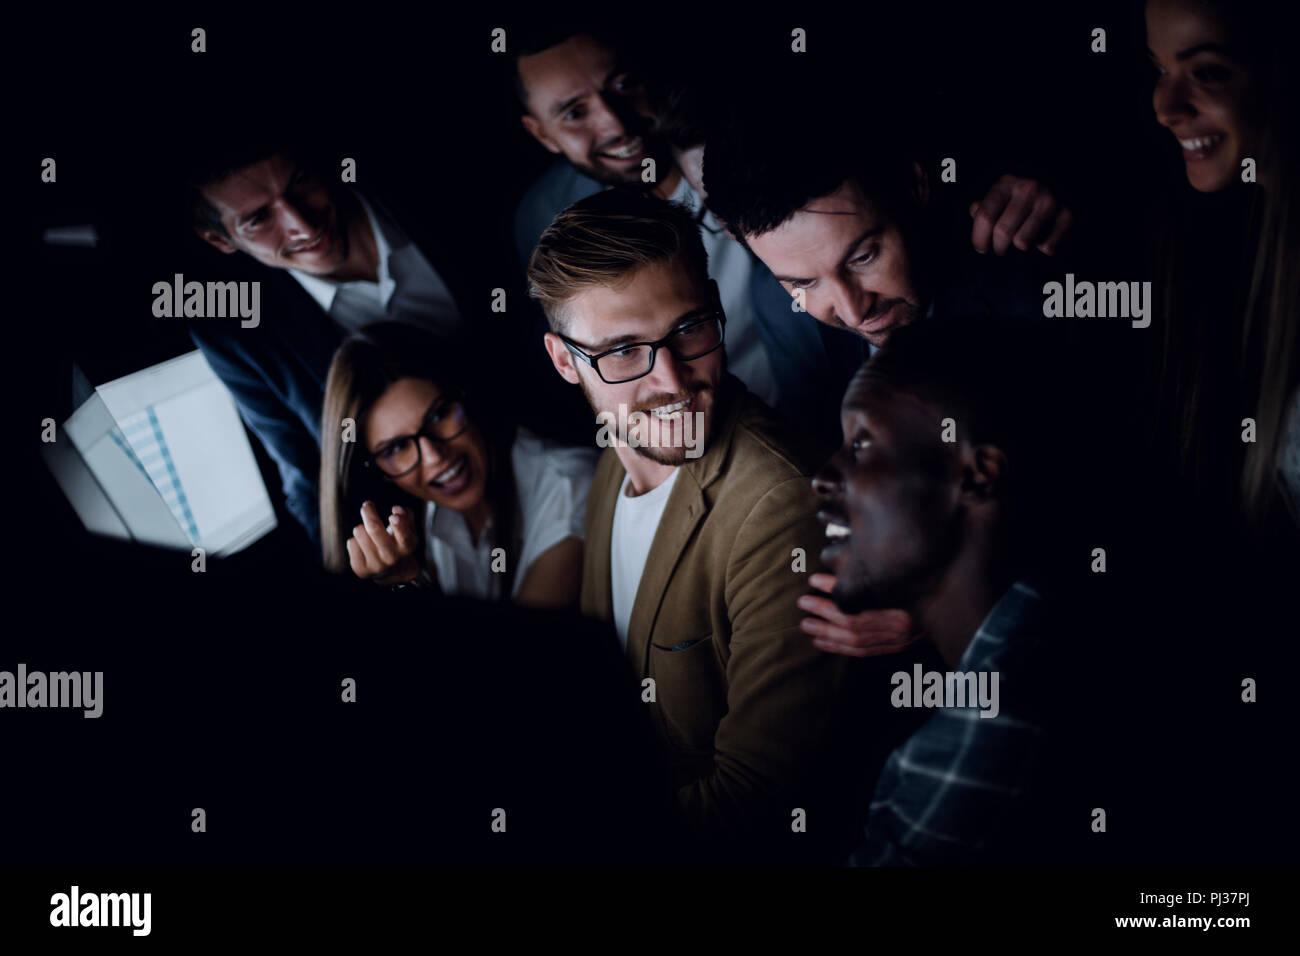 Bis zu schließen. erfolgreiche Business Team in der Nähe des Desktop sitzen am Abend Stockfoto